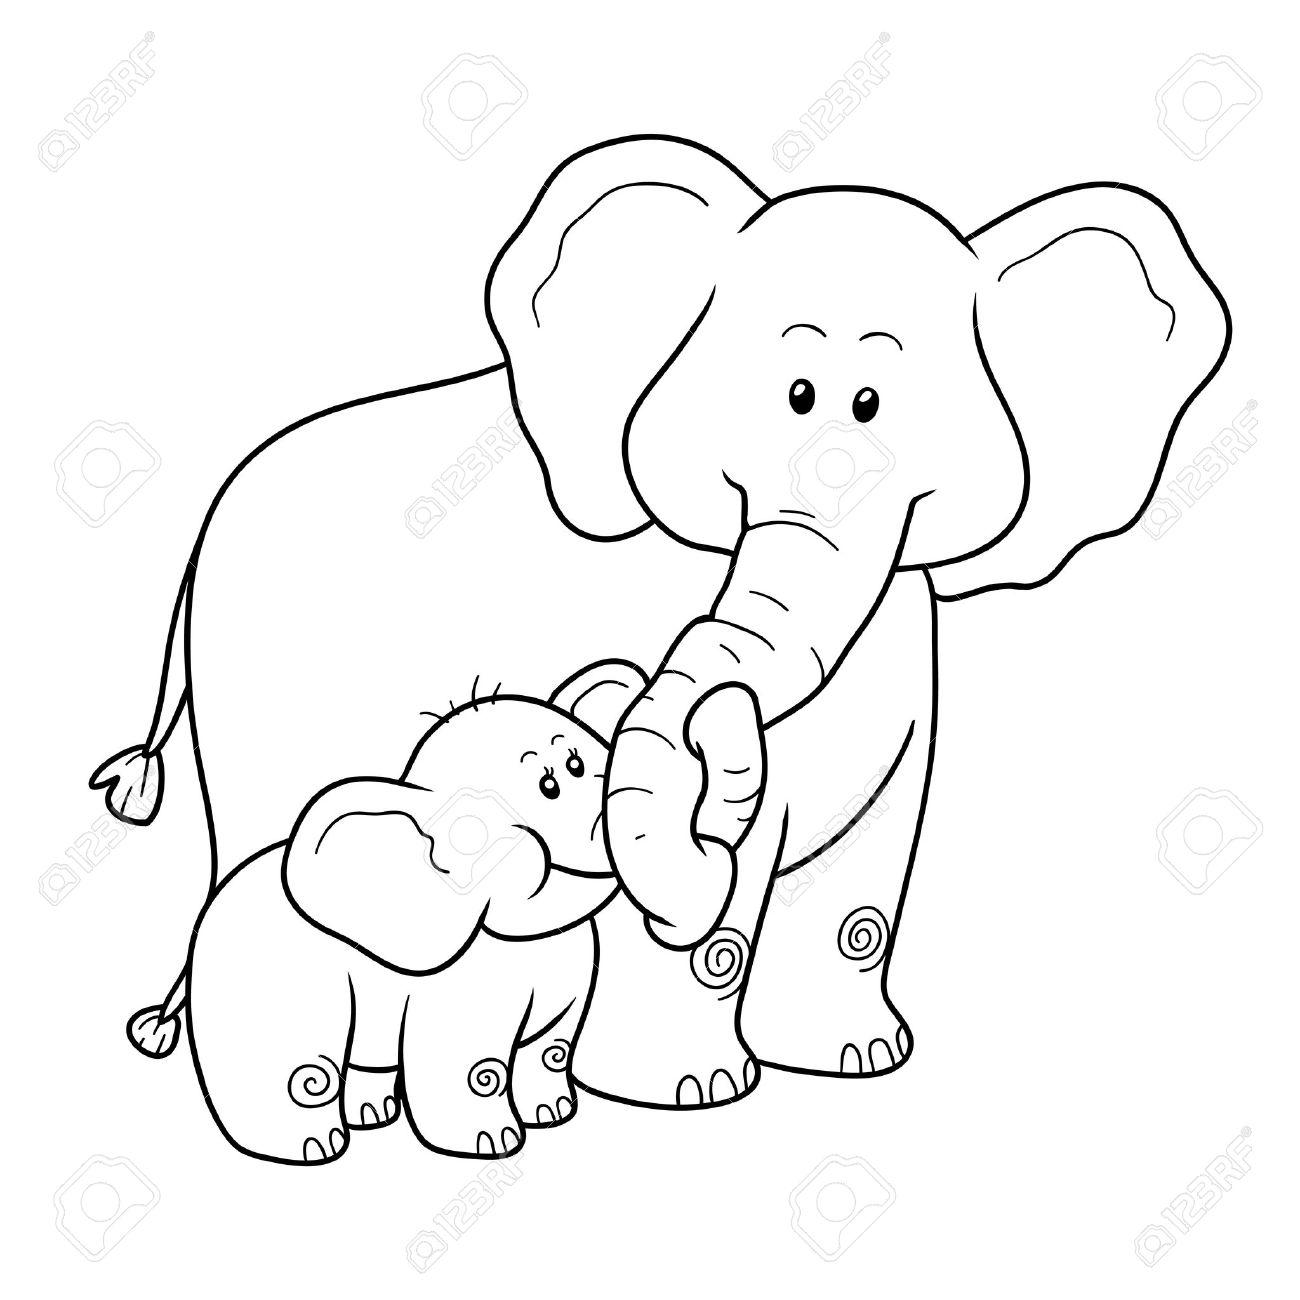 Hermosa Elefante Para Colorear Componente - Enmarcado Para Colorear ...